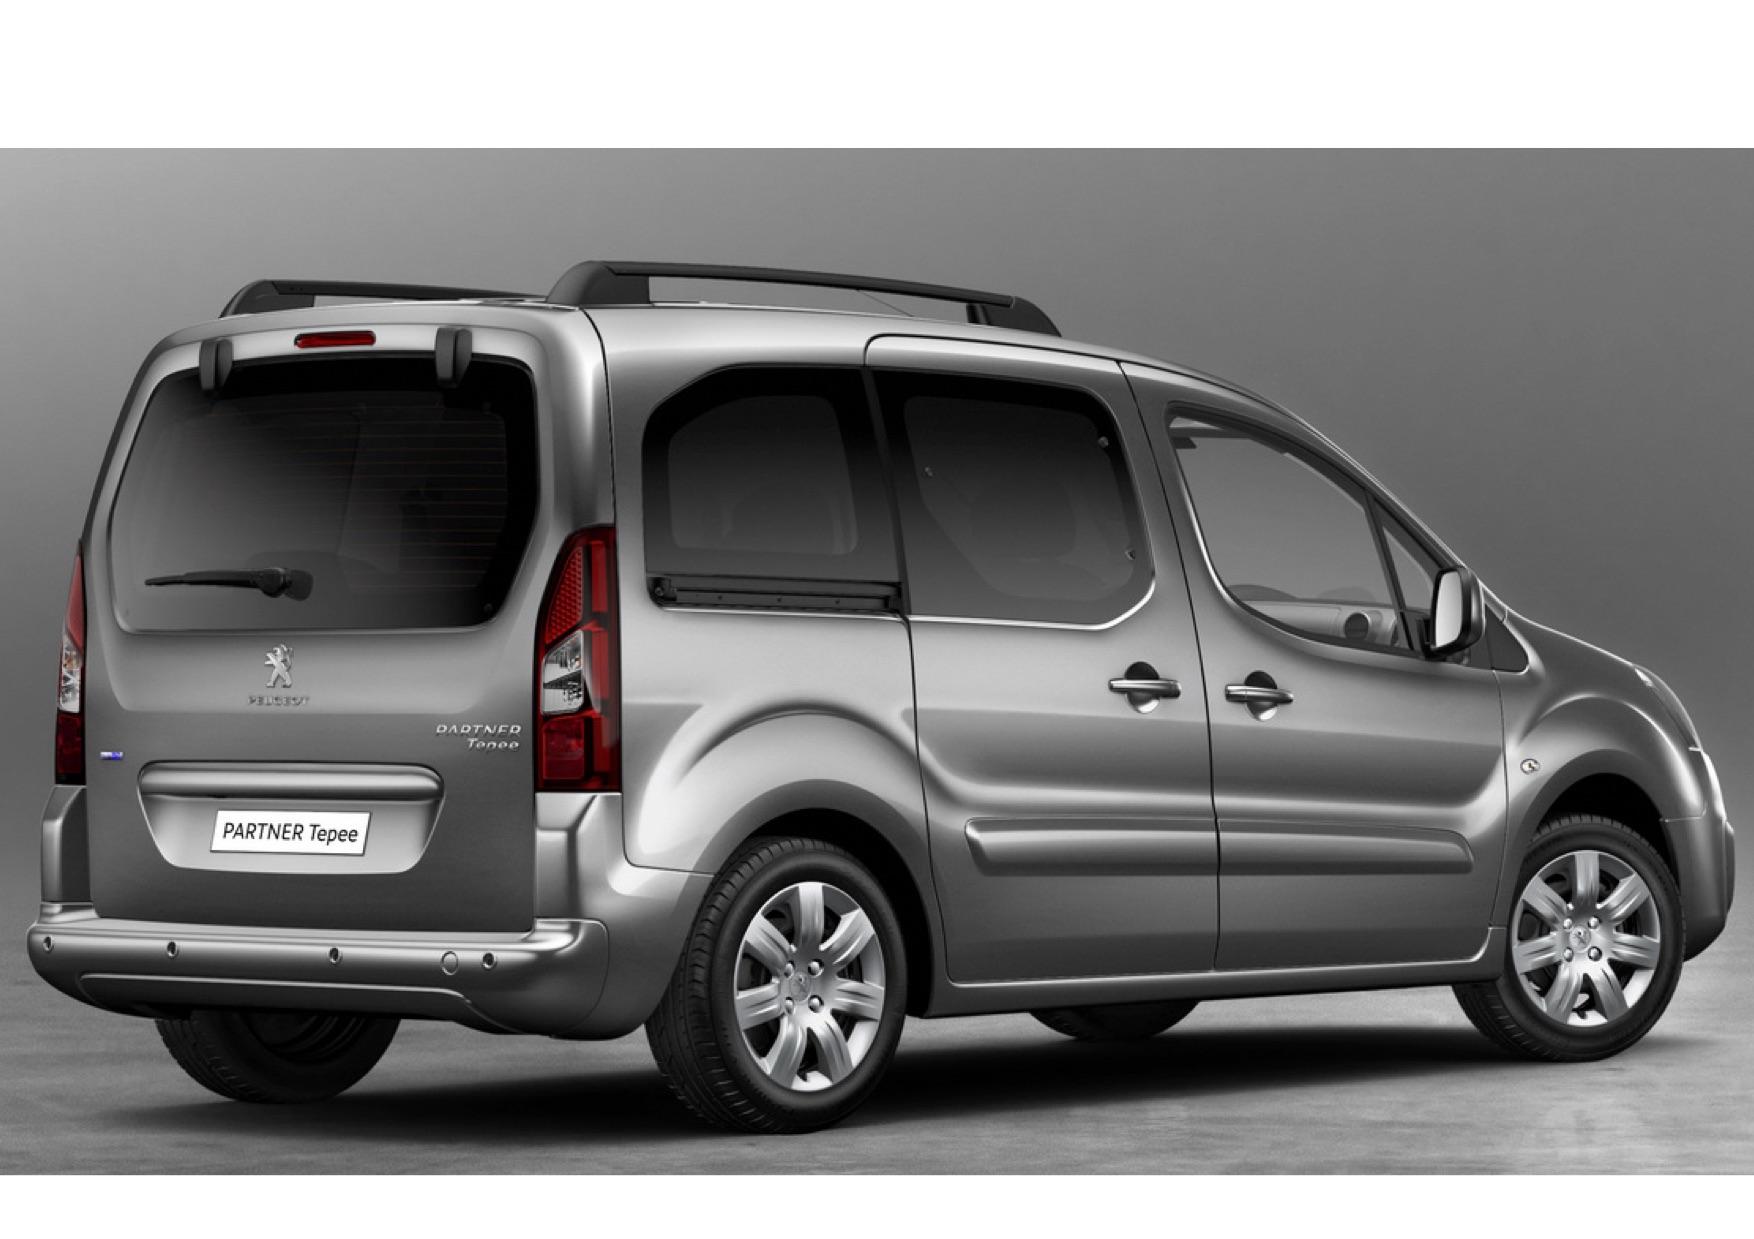 Peugeot Partner Minibus 7 seater